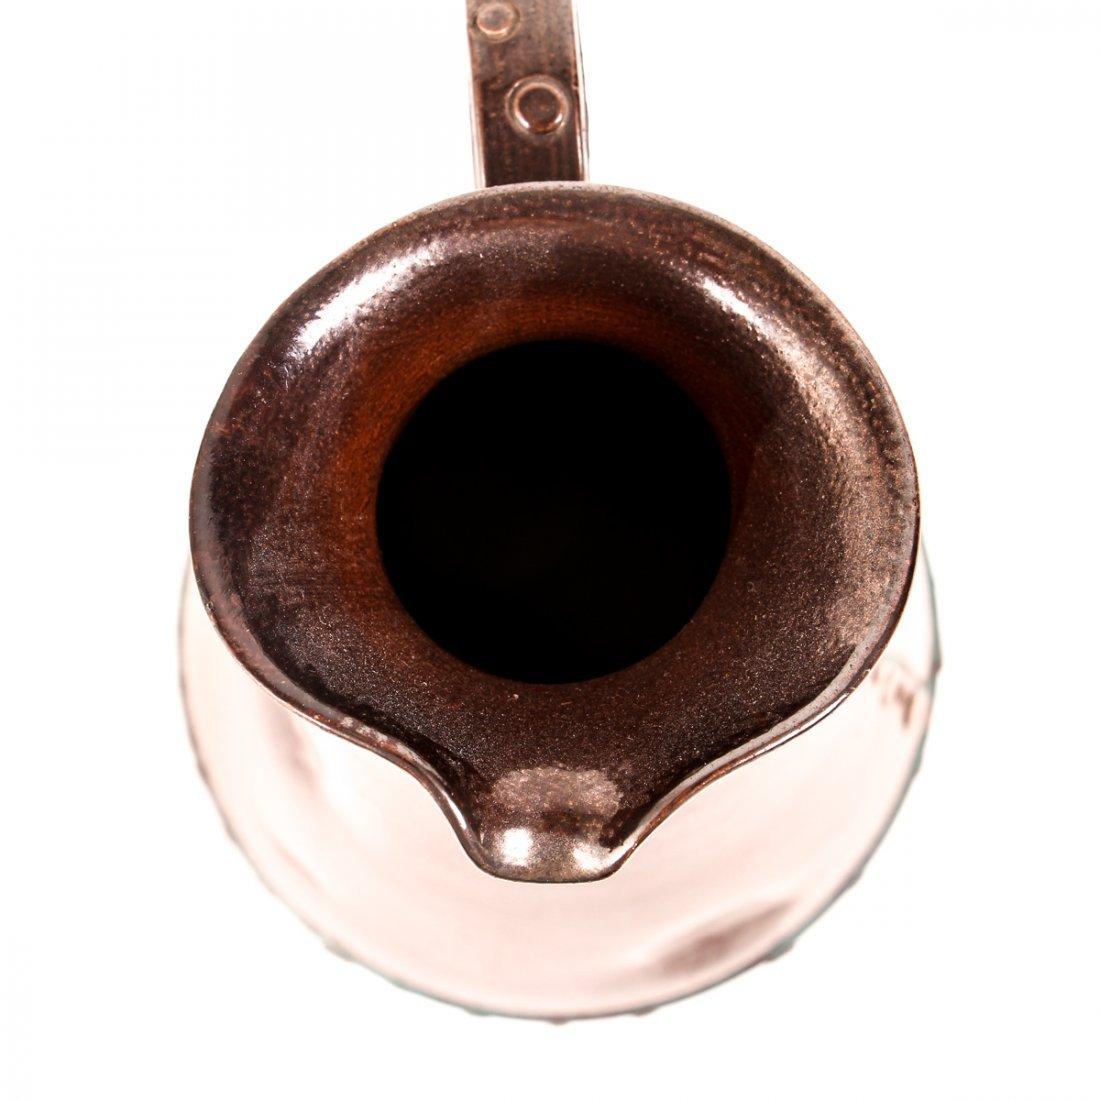 Doulton Lambeth Simulated Copper Ware Pitcher - 7